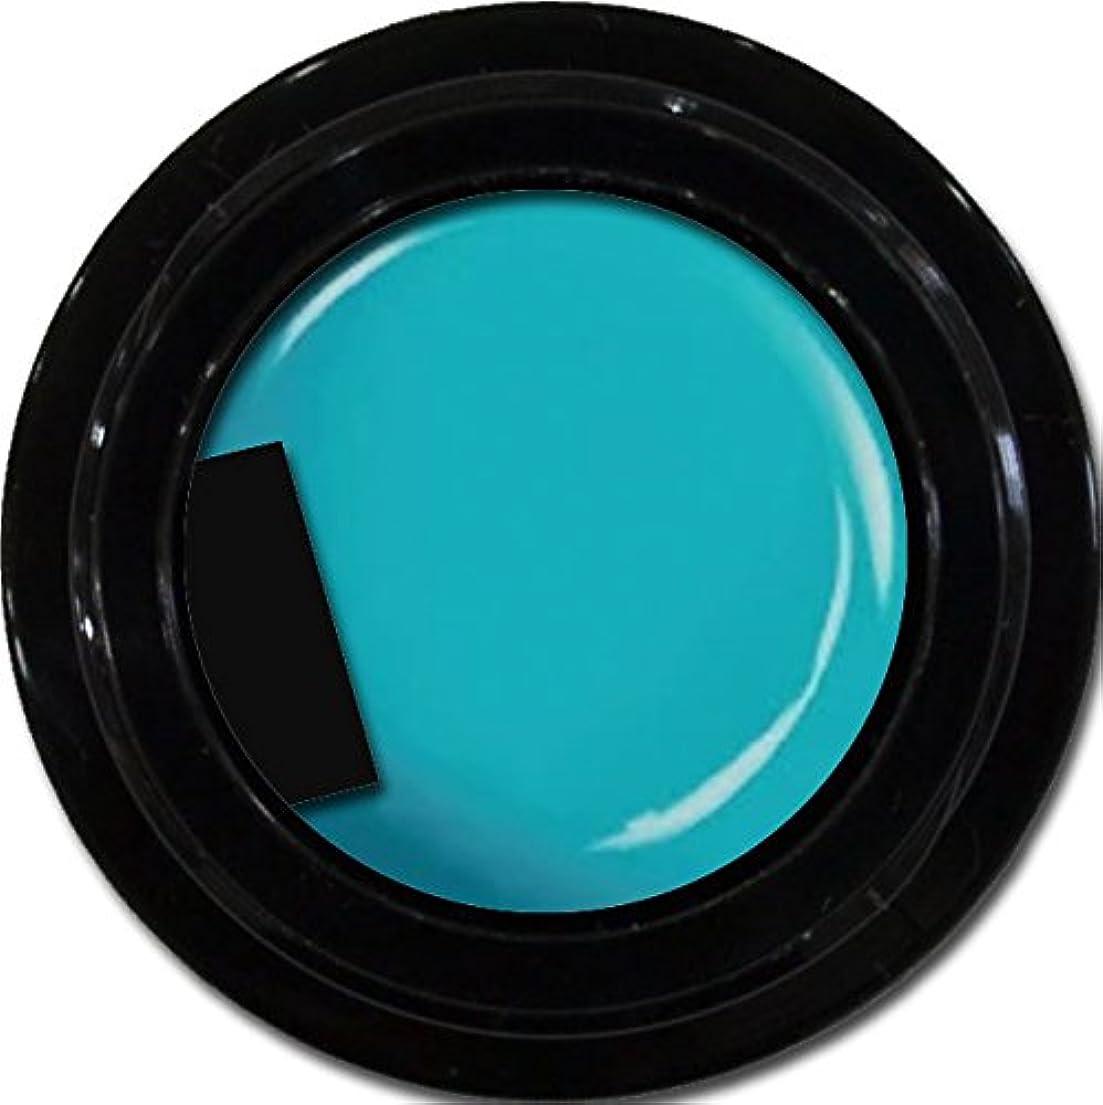 王朝バナナ貢献するカラージェル enchant color gel M707 CanalBlue3g/ マットカラージェル M707カナールブルー 3グラム